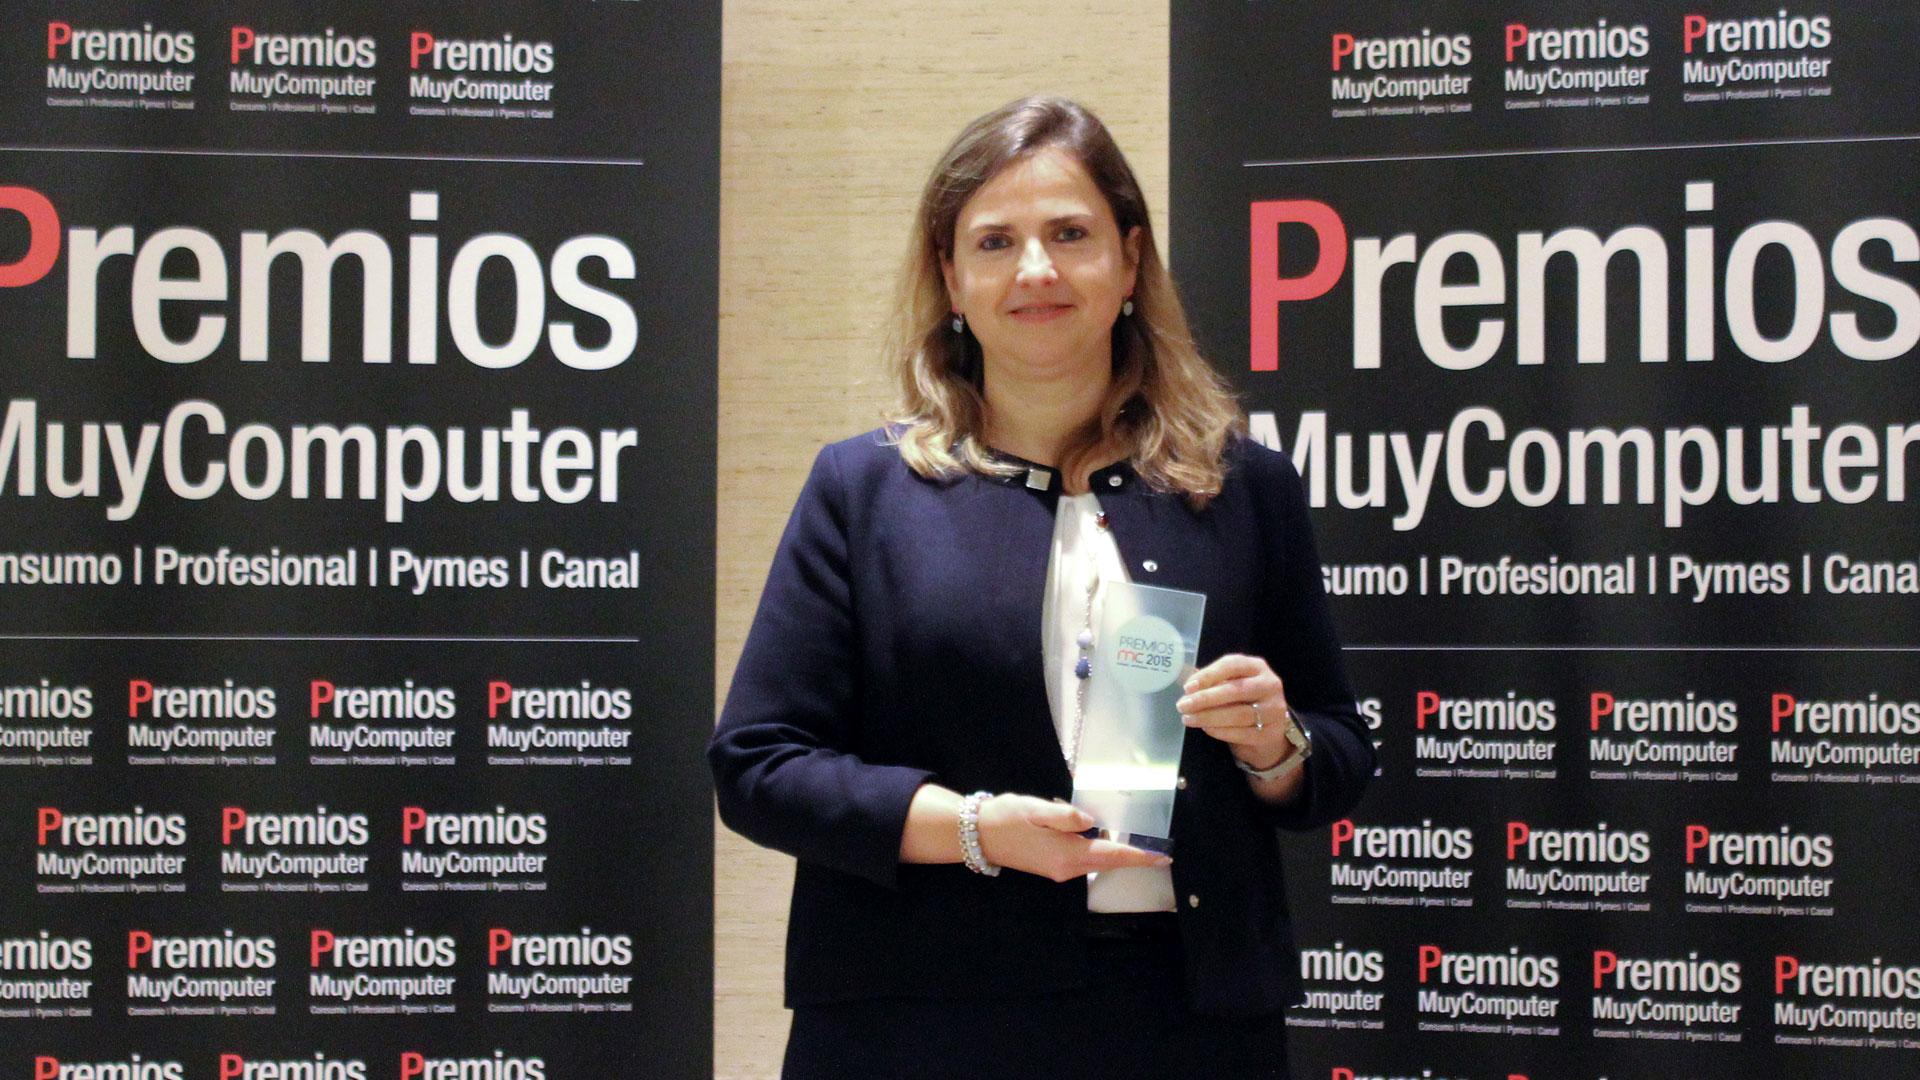 premios-mc2015-atos-partner-activo